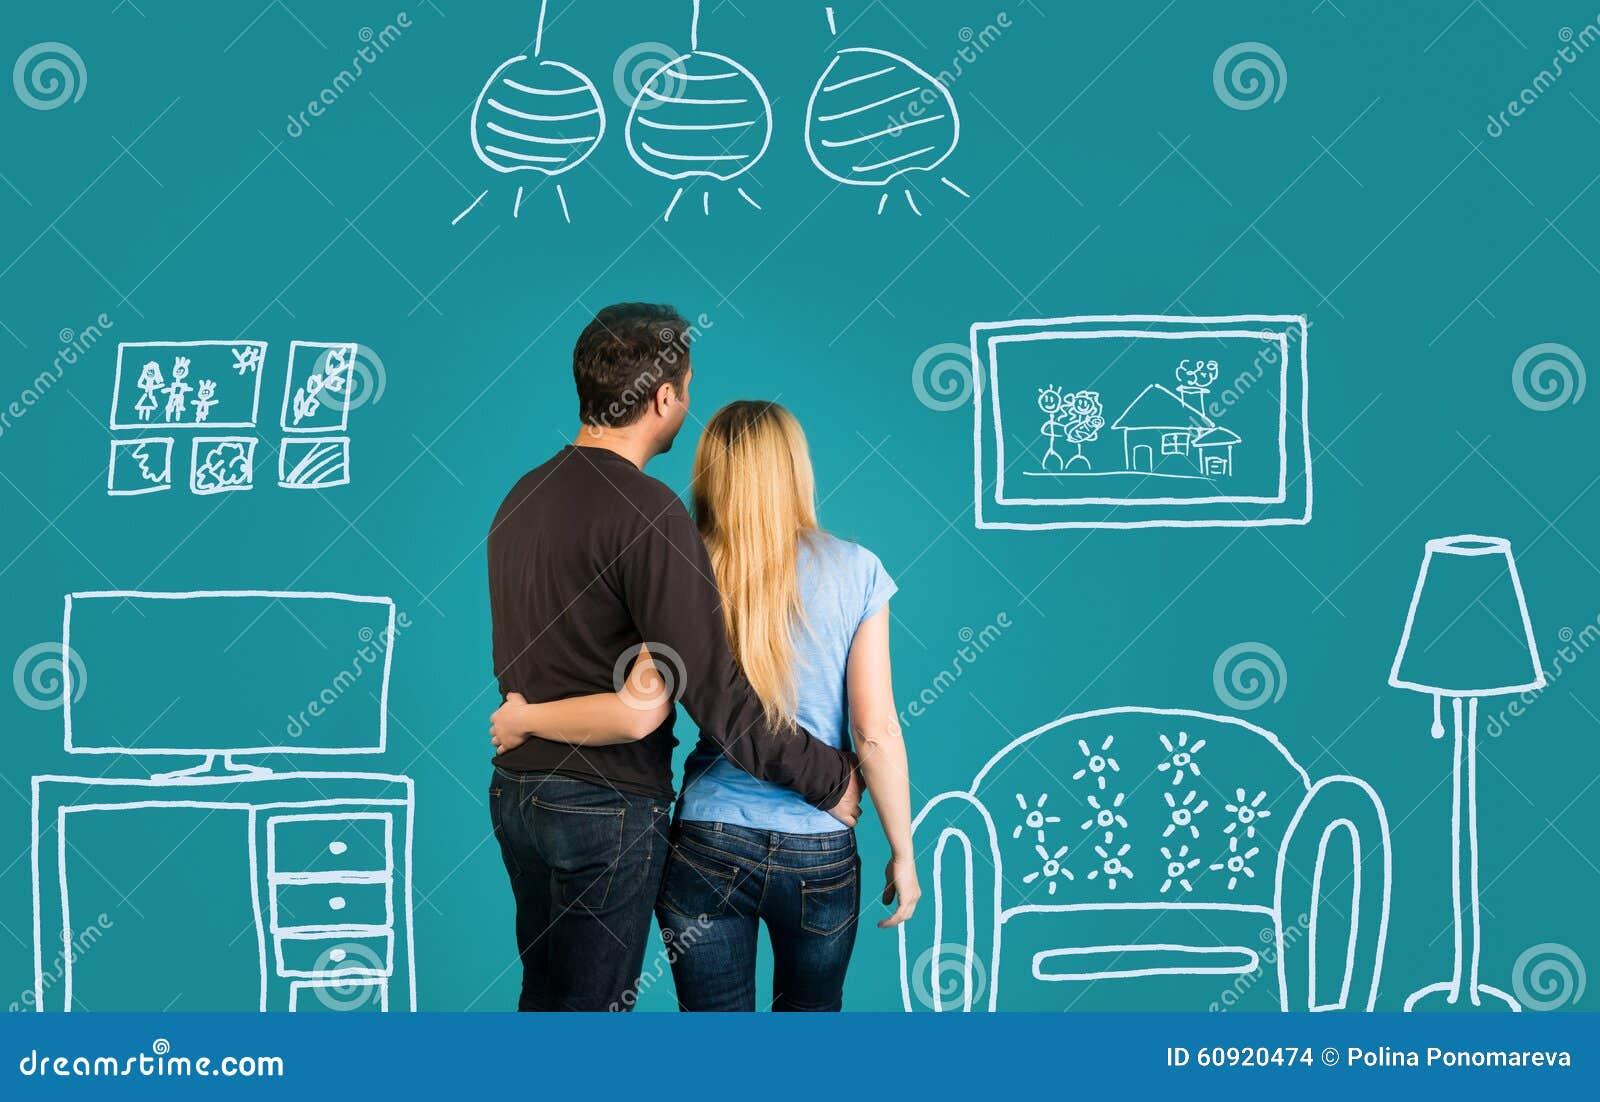 Pares felices que sueñan con su nuevo hogar o que suministran en fondo azul Familia con el dibujo de bosquejo de su interior plan